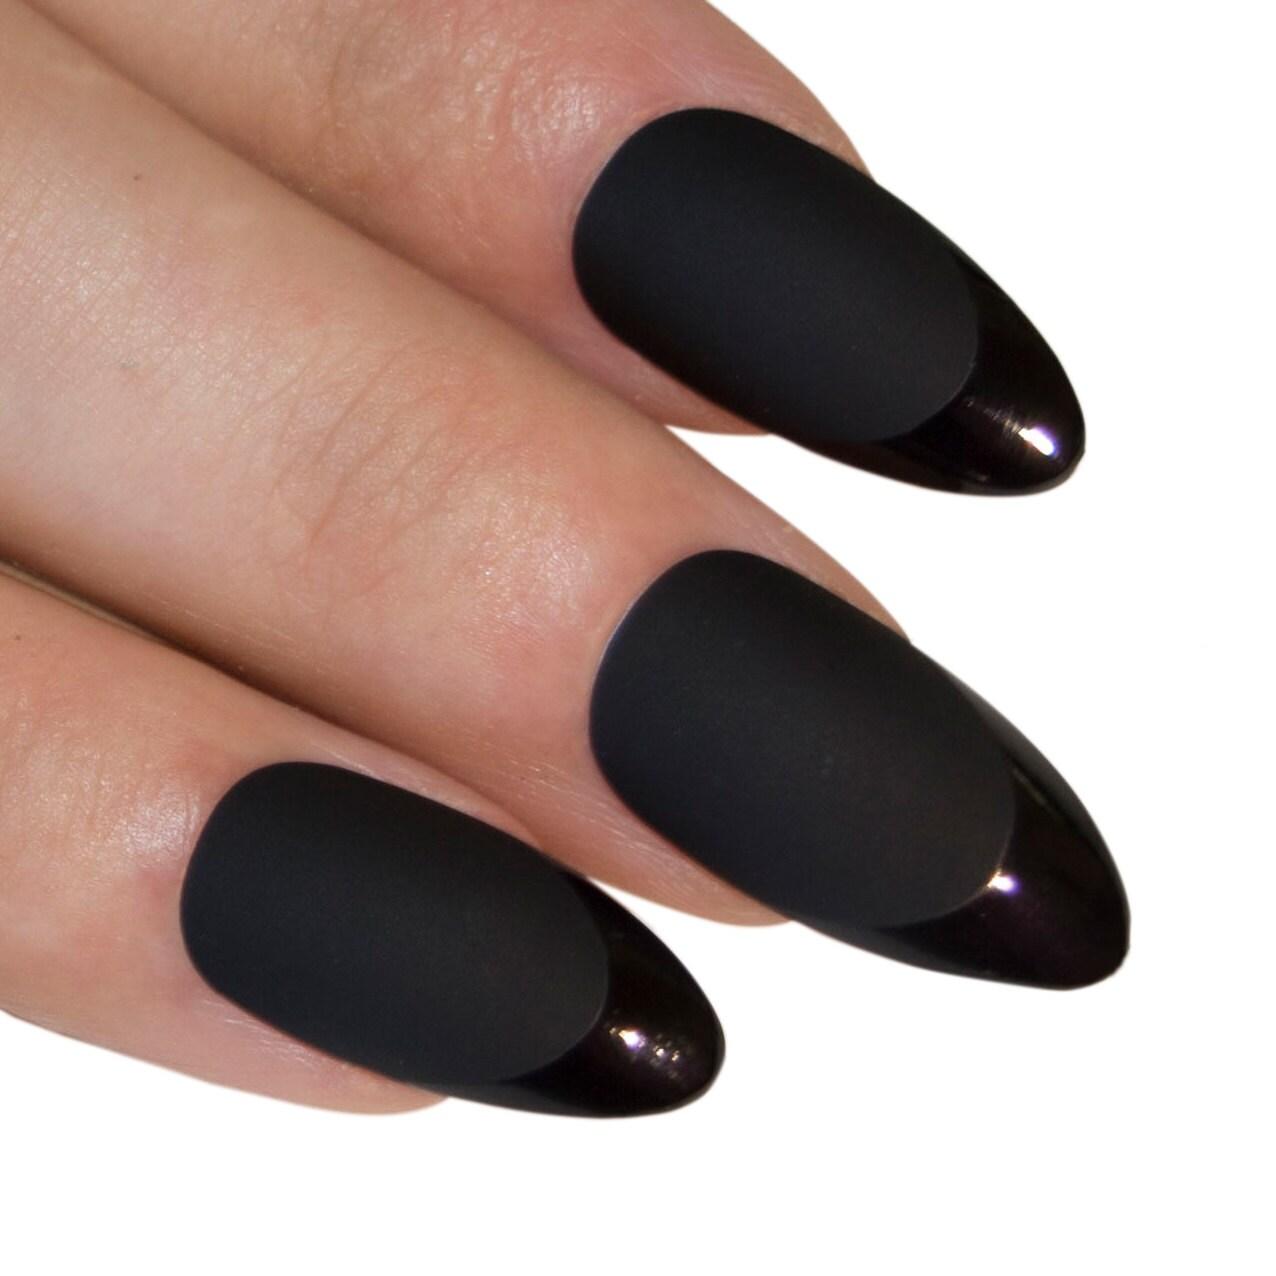 Bling Art Stiletto False Nails Fake Acrylic Matte Black Full Cover ...